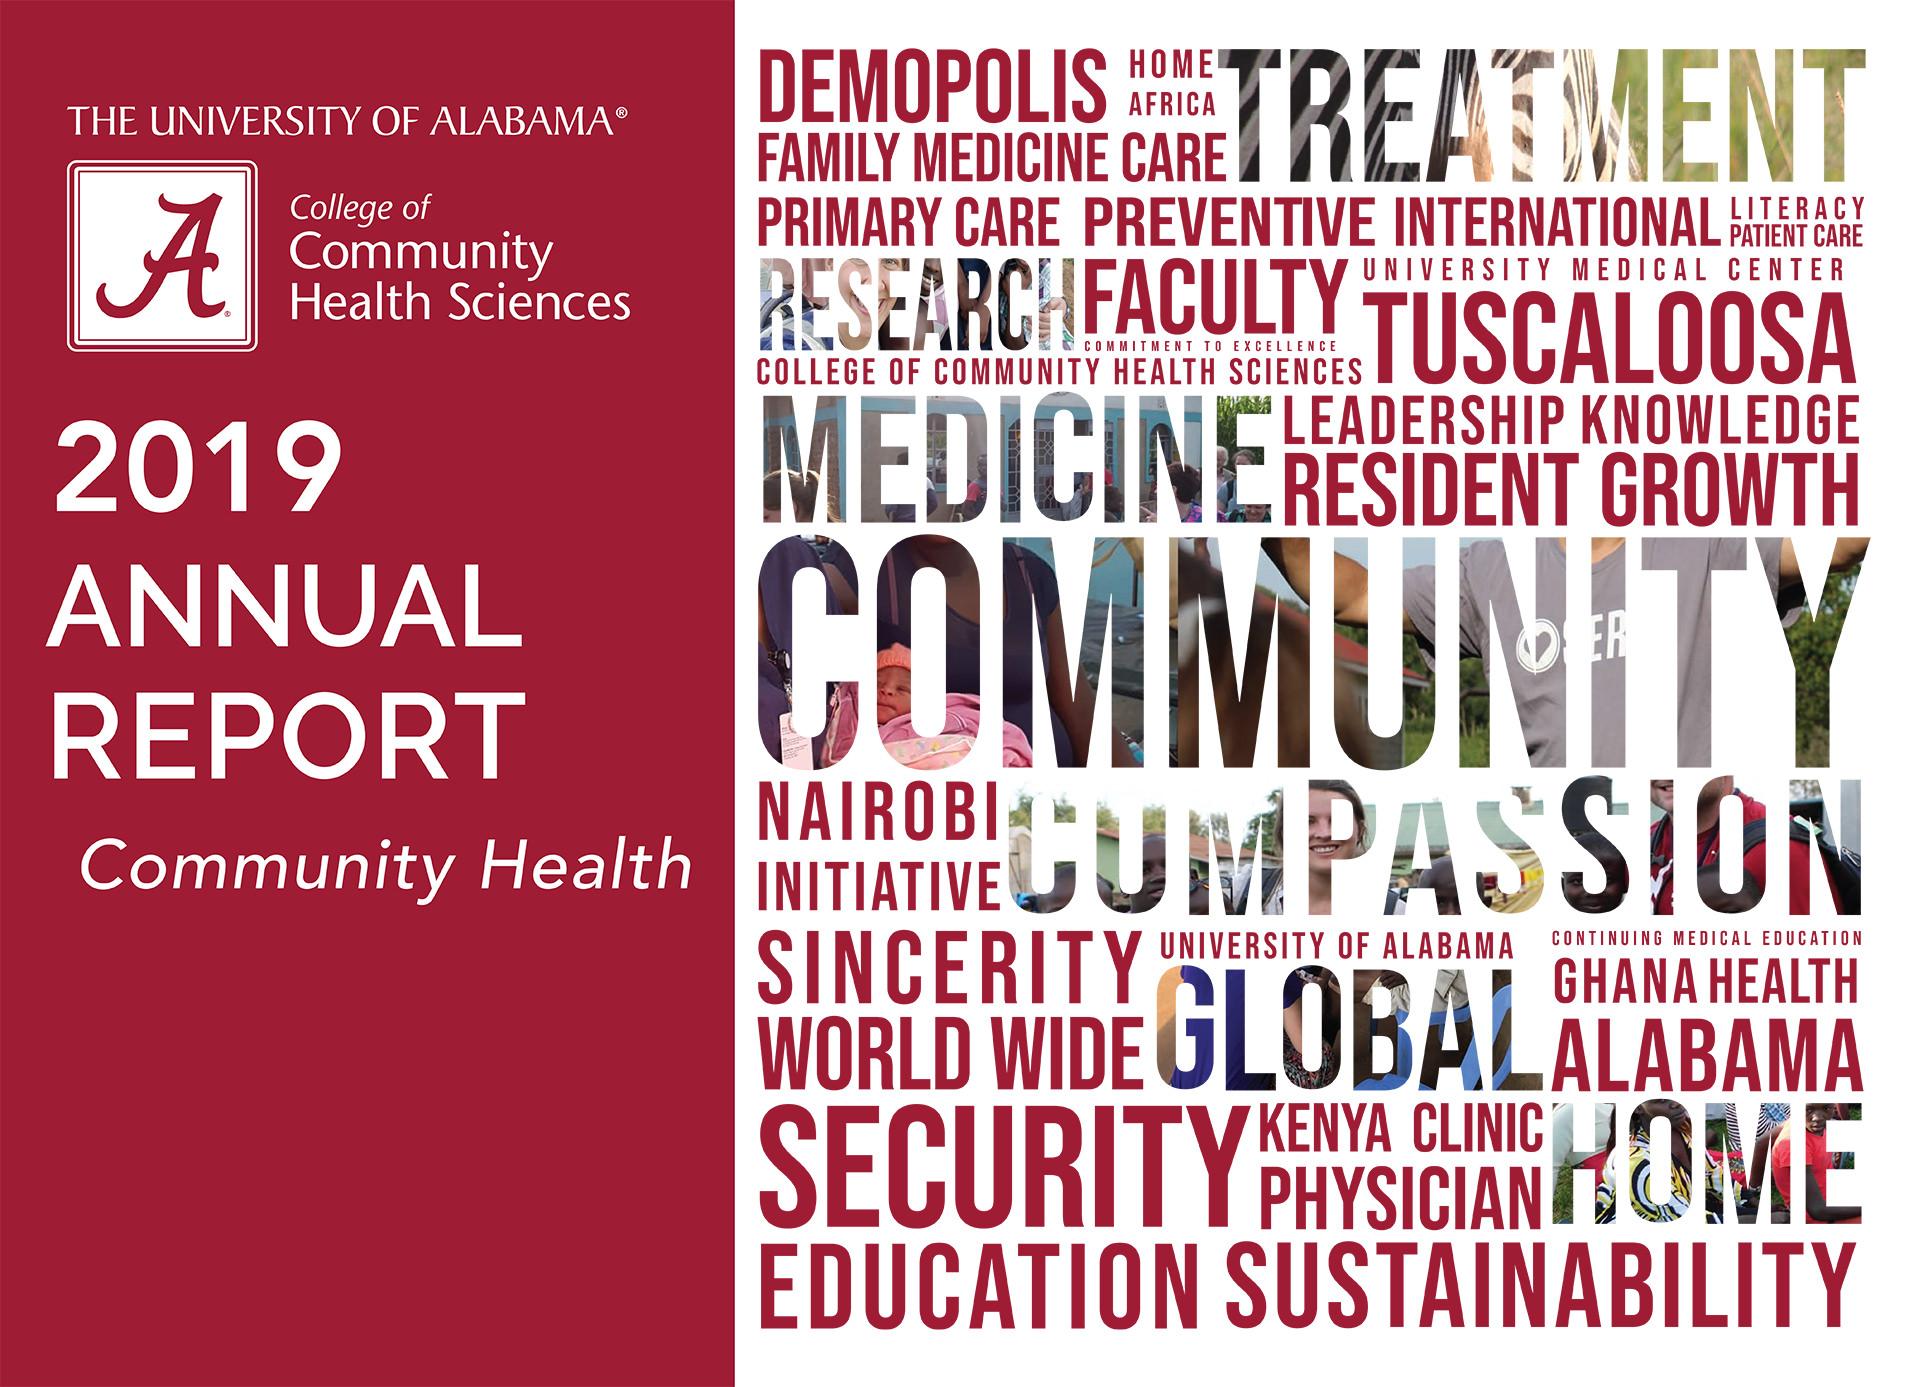 Annaul Report 2019